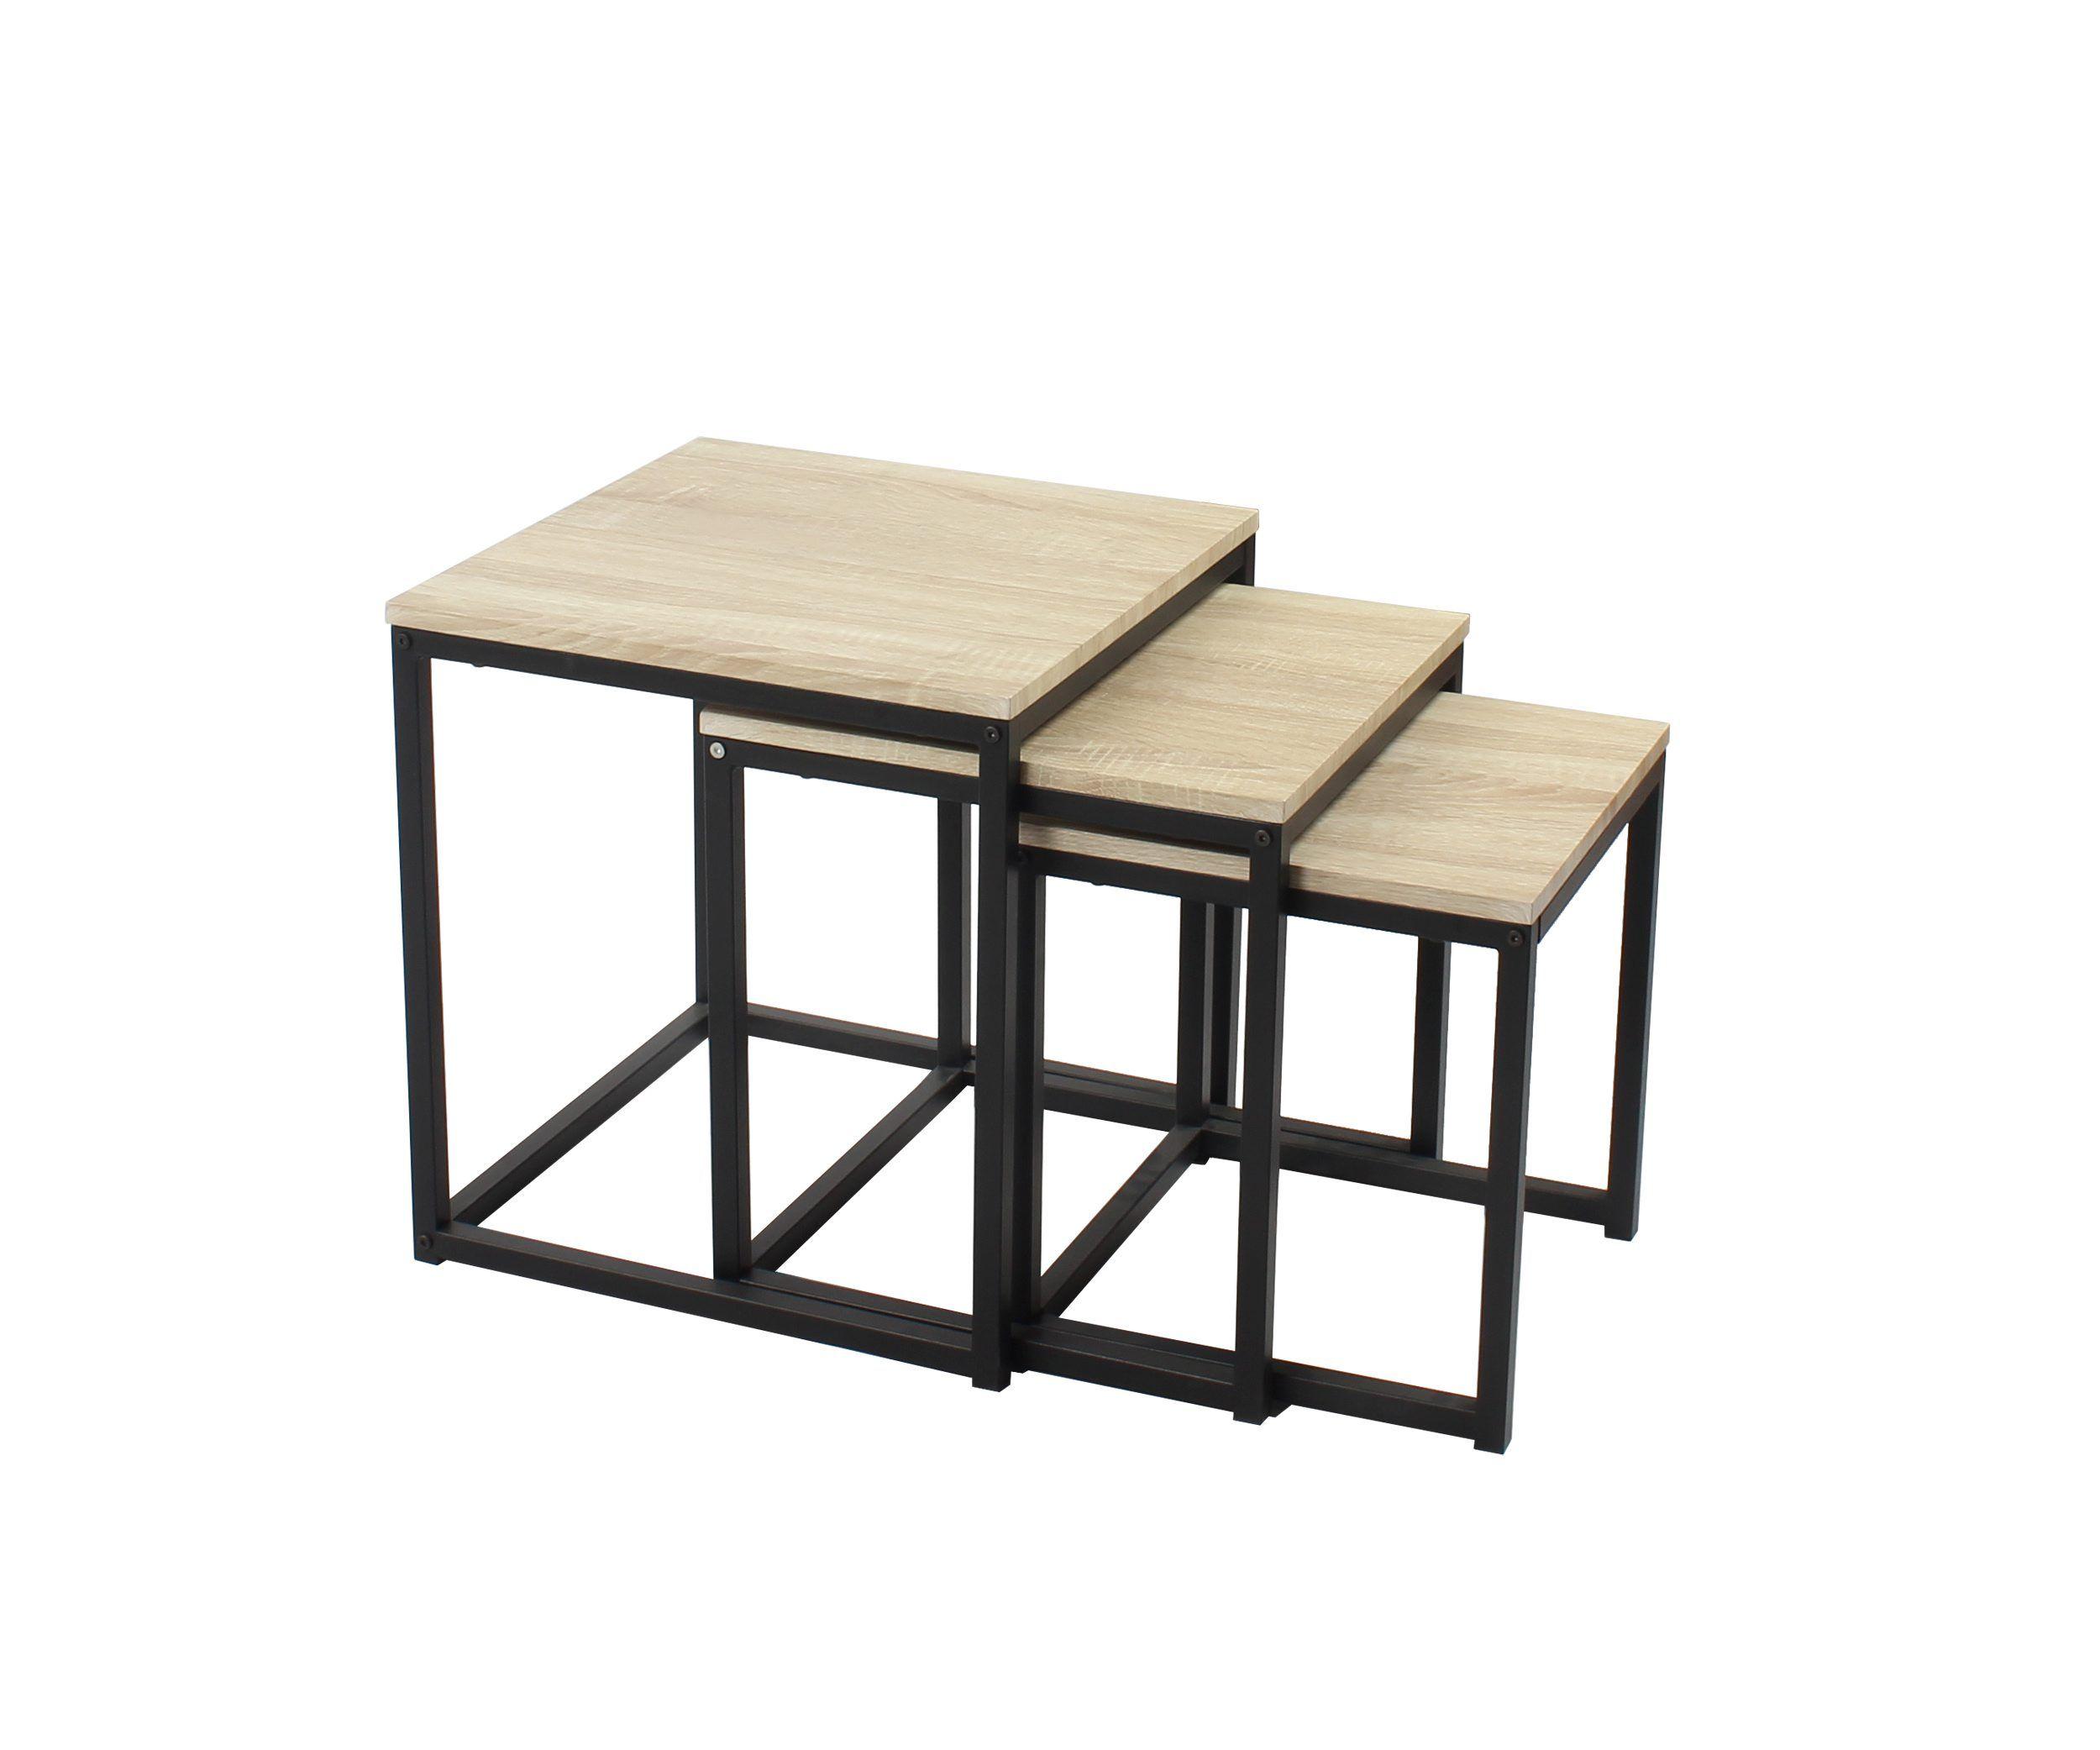 Table Basse Gigogne Neva Industrielle Chene Noir Table Basse